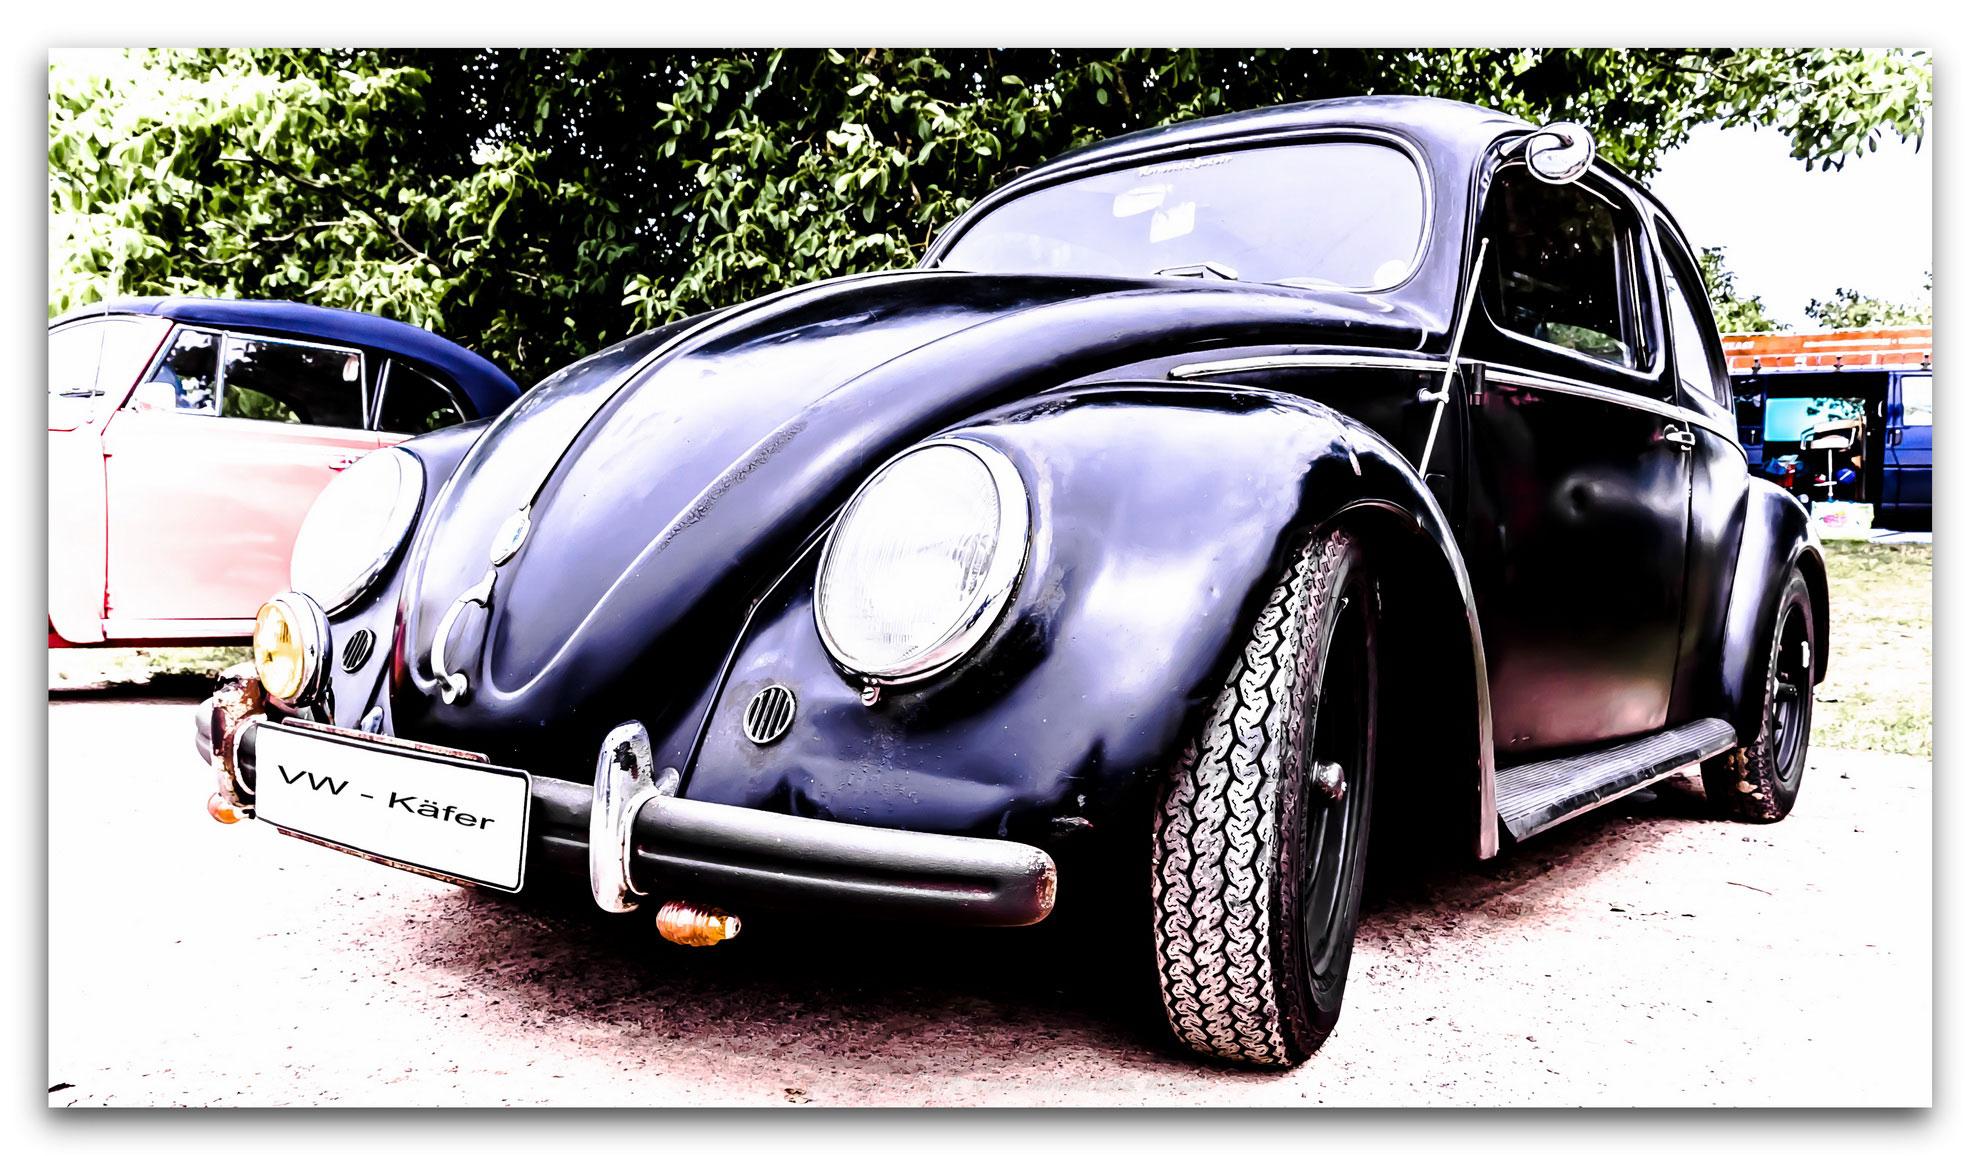 Krautsand-VW-treffen-1-2